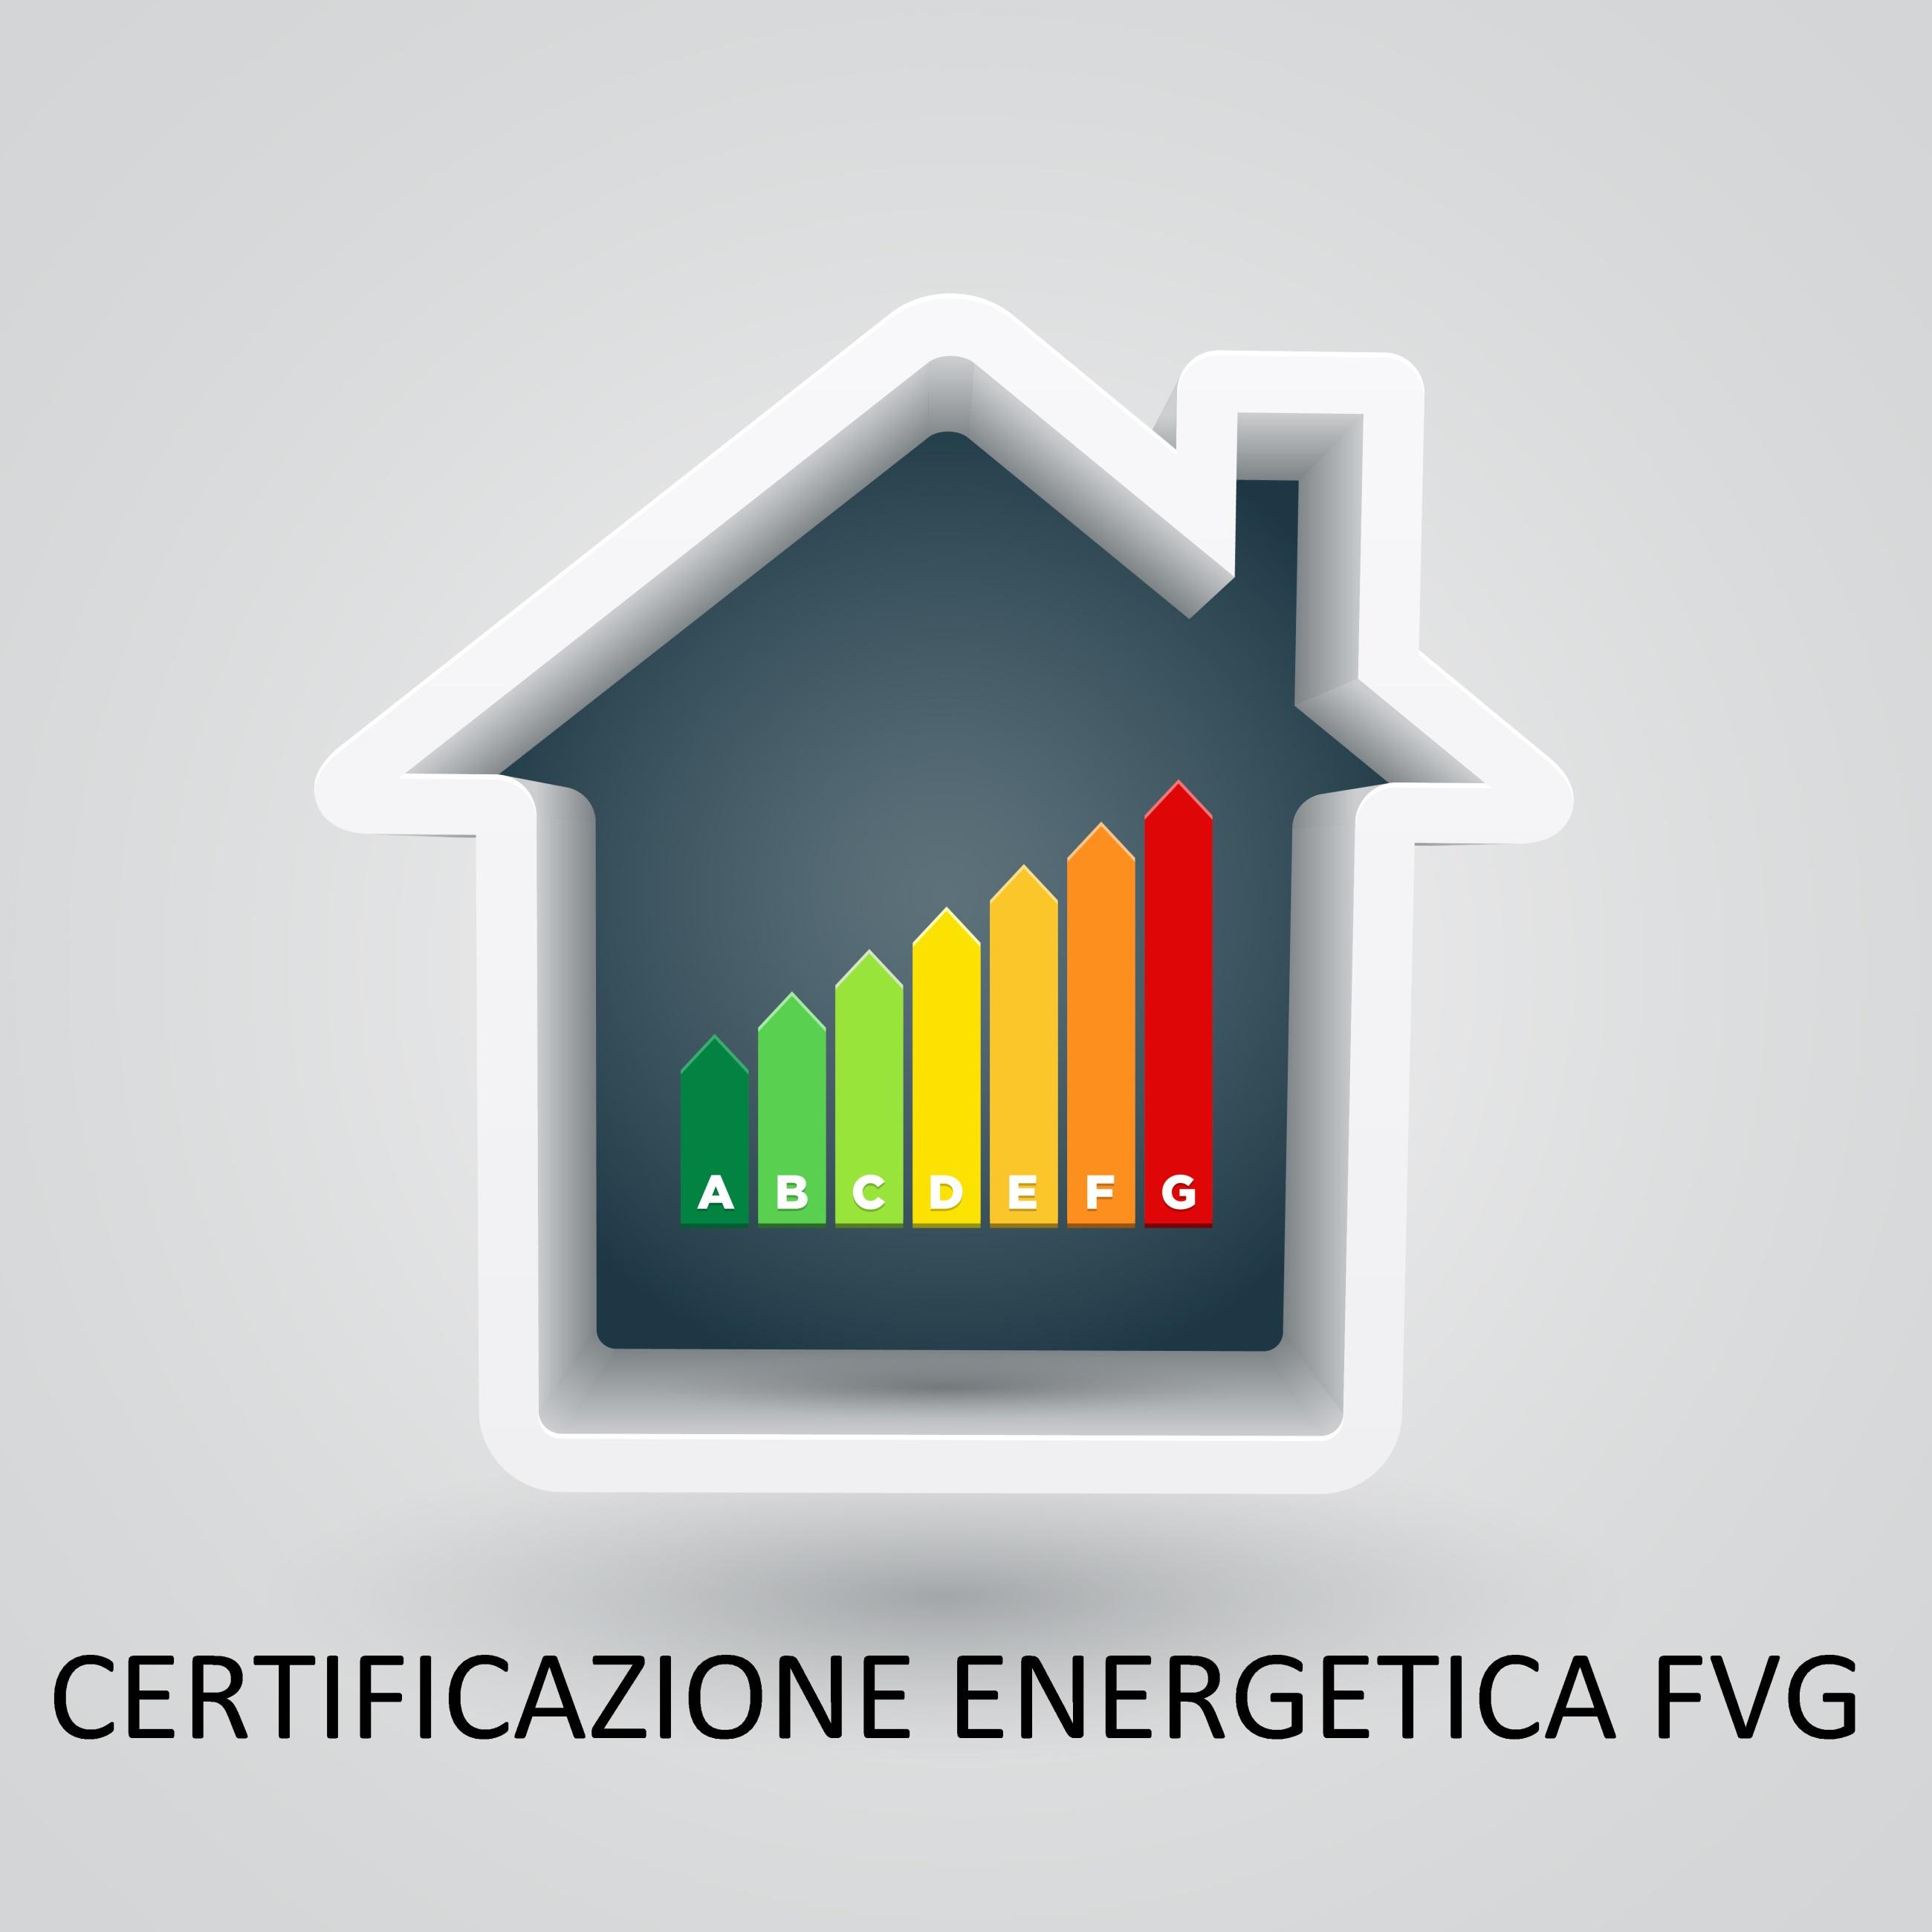 CERTIFICAZIONE ENERGETICA FVG